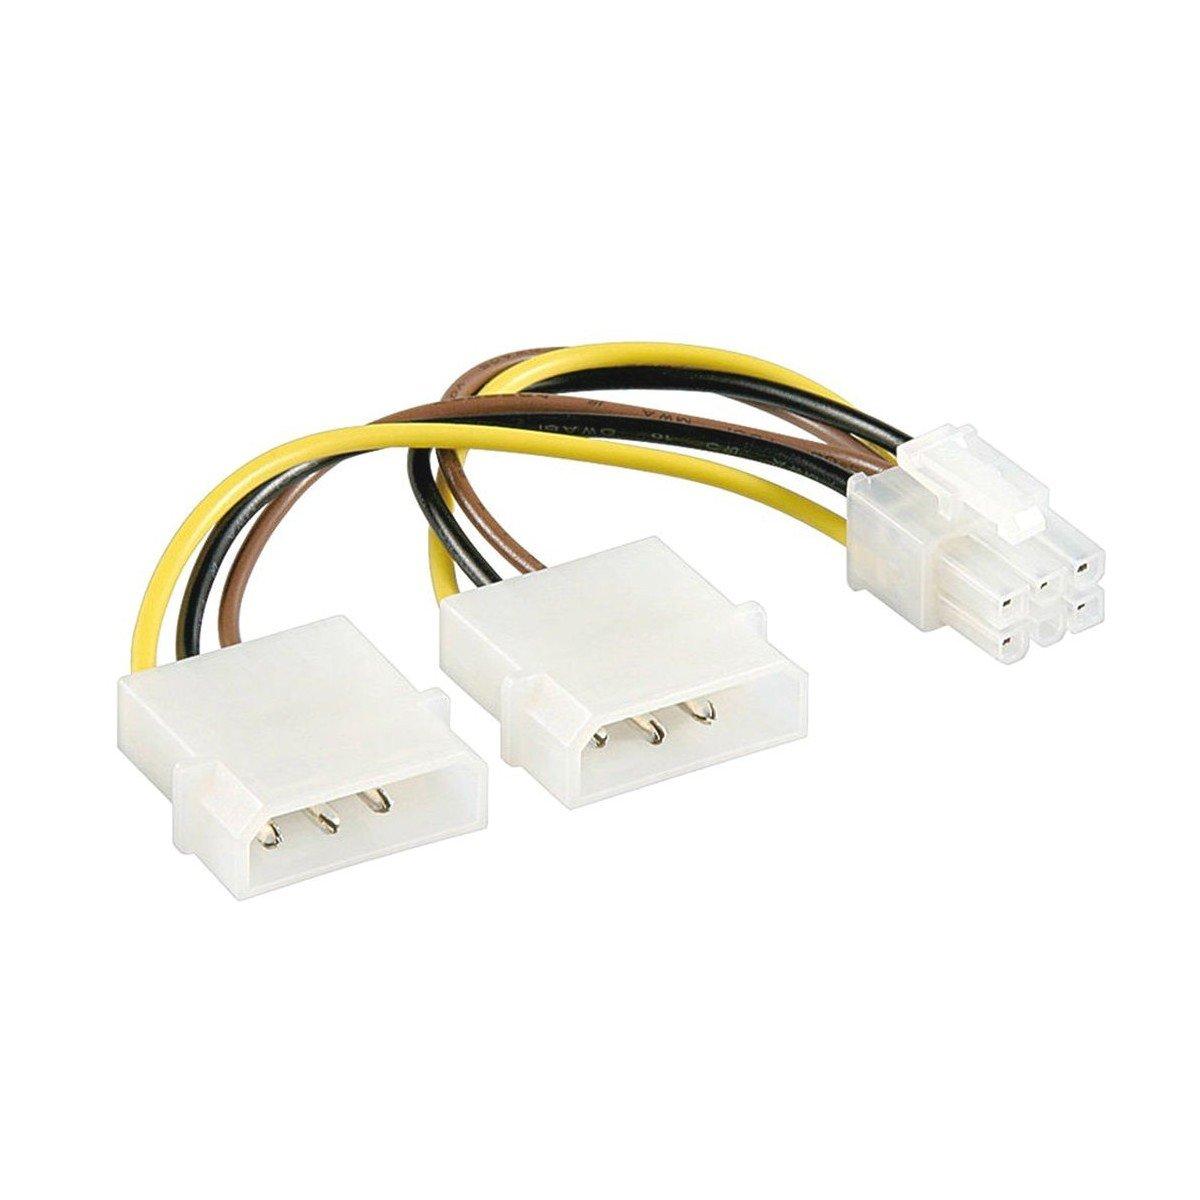 6 pin PCIe PCI-E Adaptador Tarjeta gráfica Cable de ...